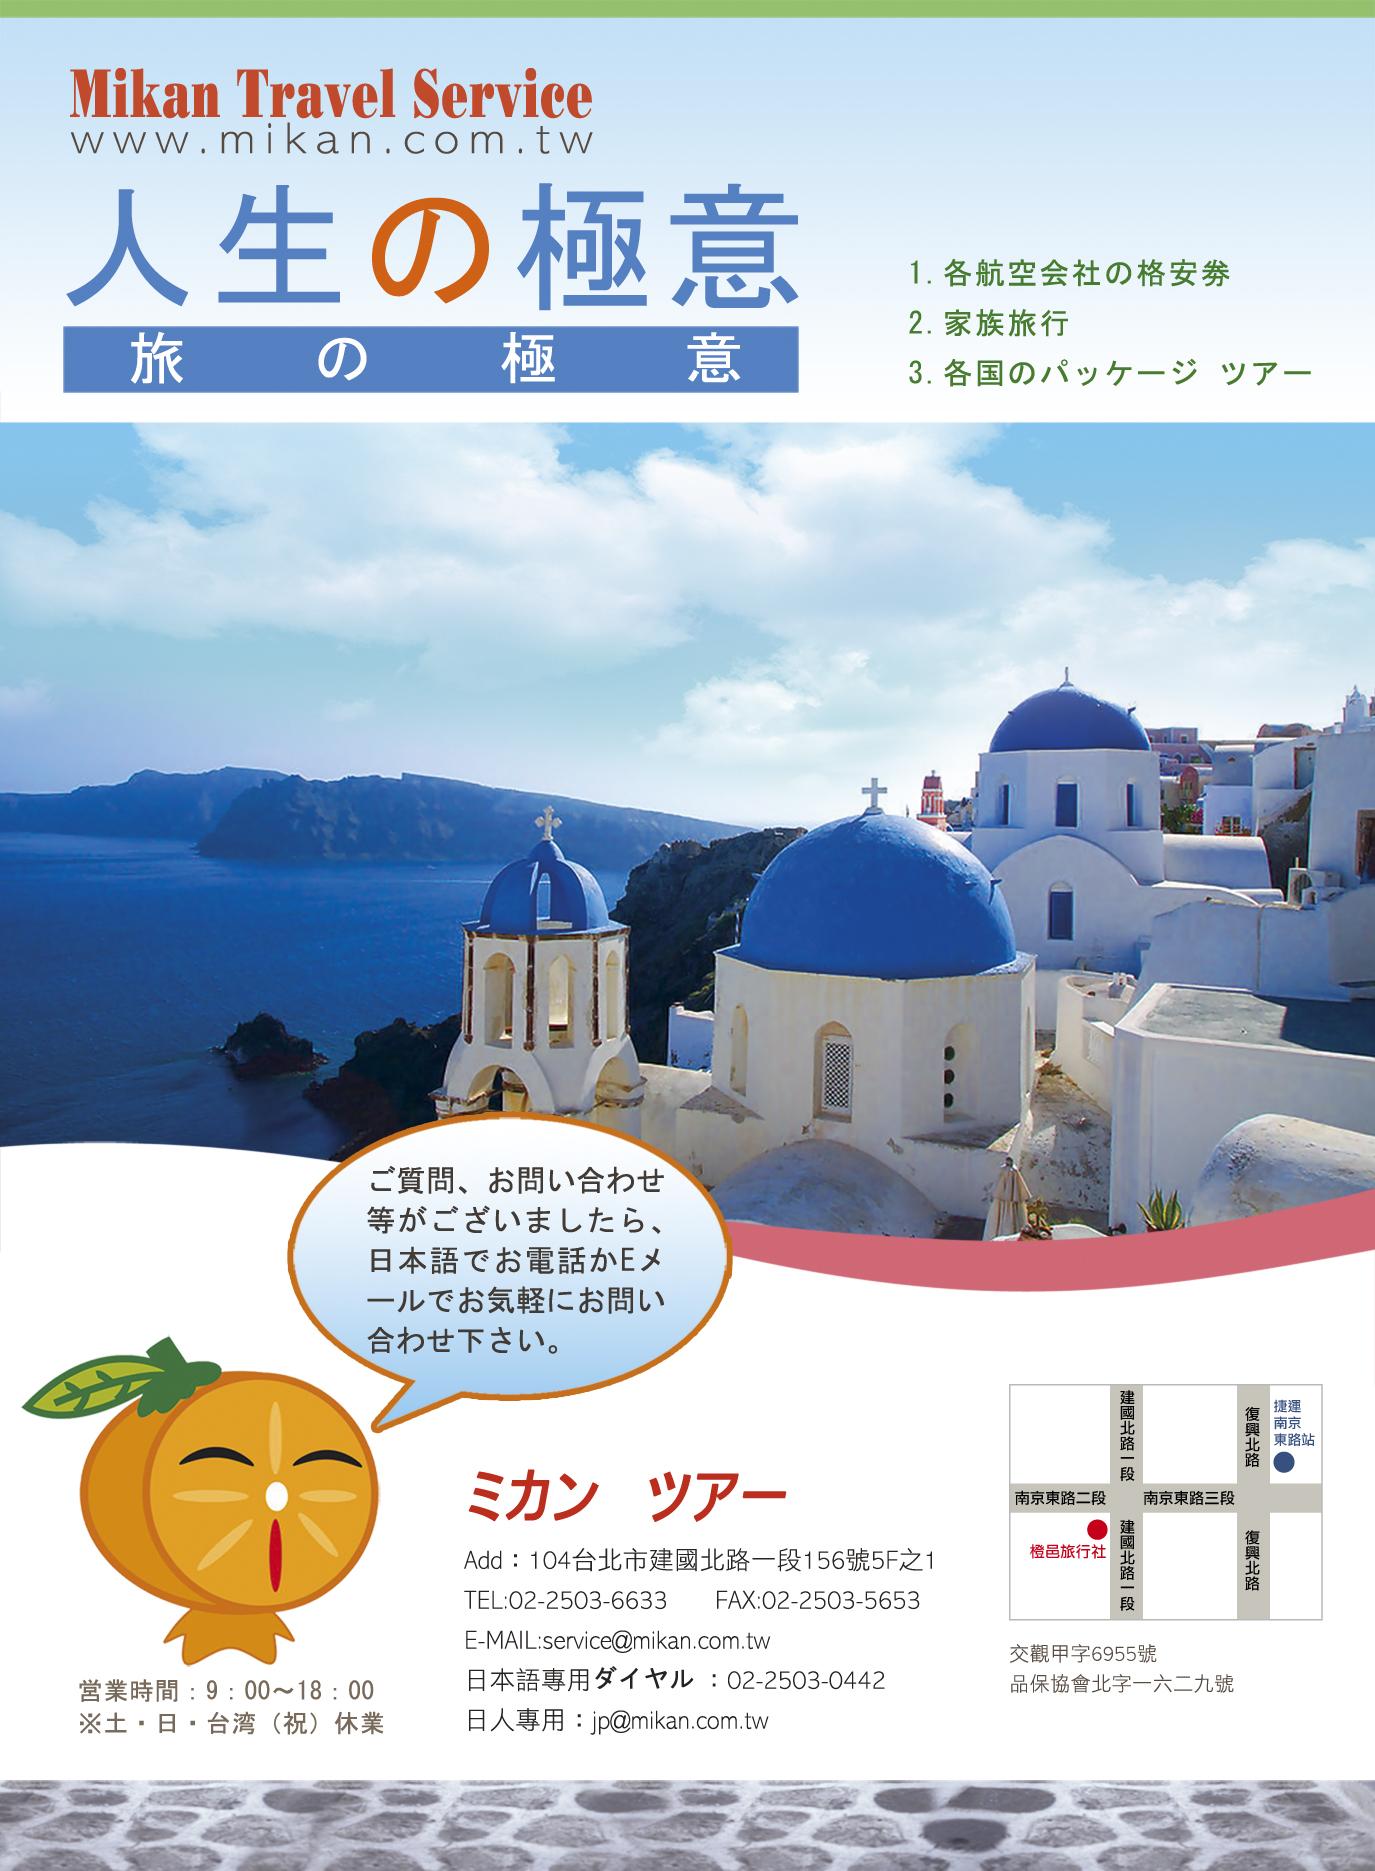 橙邑旅行社有限公司